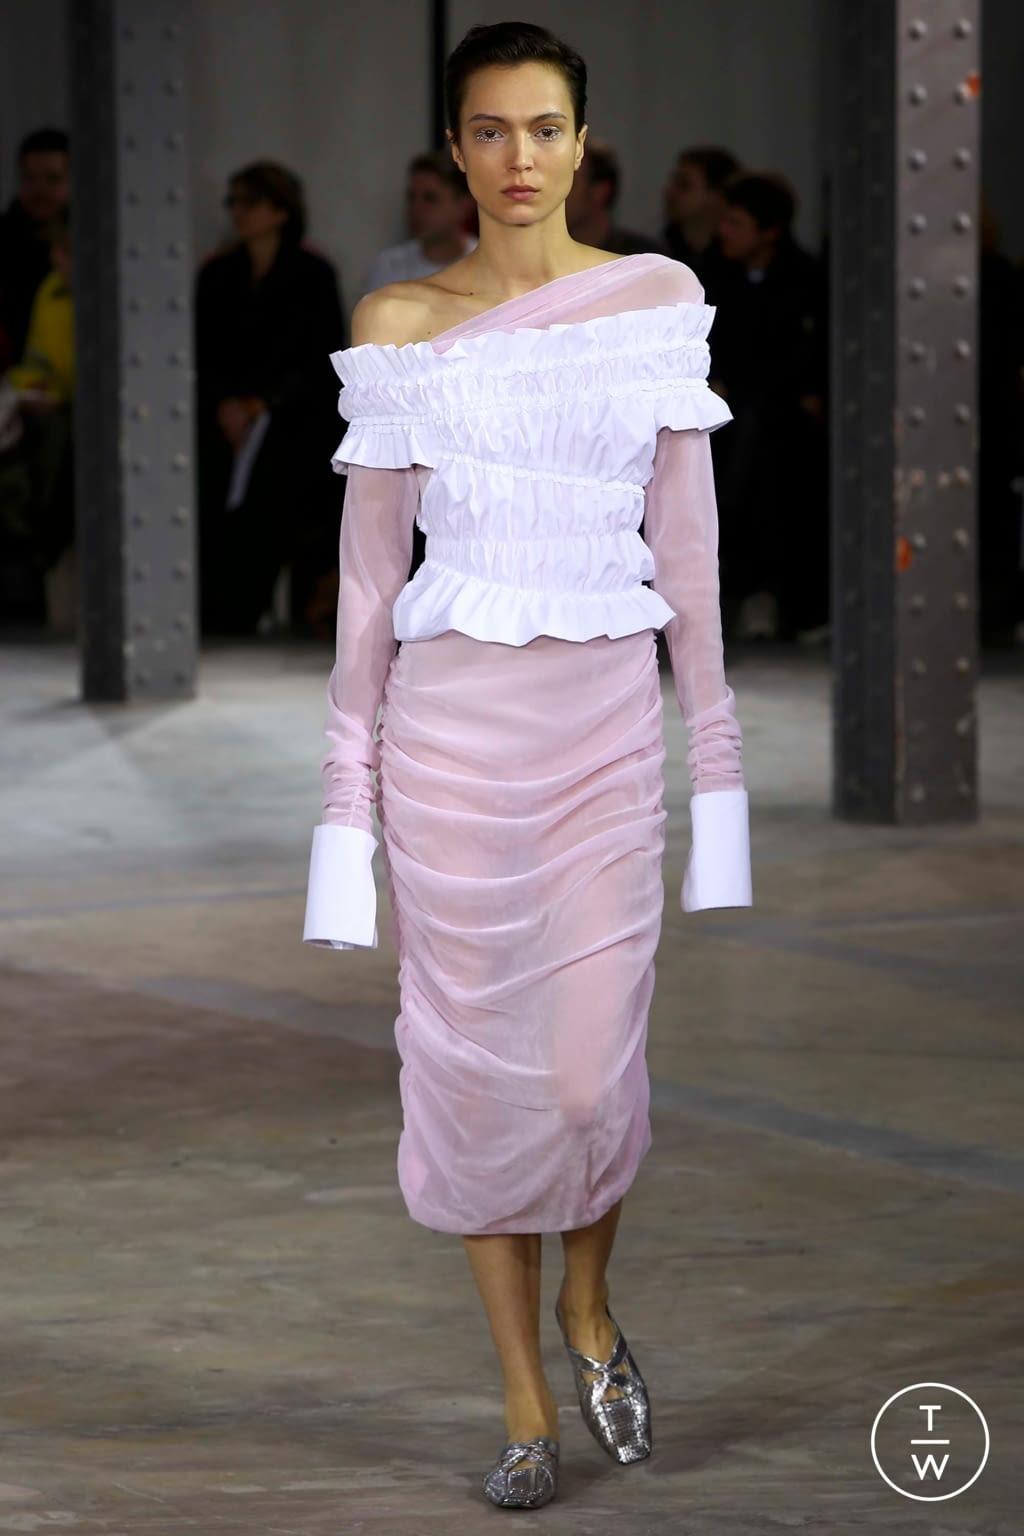 Fashion Week Paris Fall/Winter 2018 look 23 de la collection Anaïs Jourden womenswear